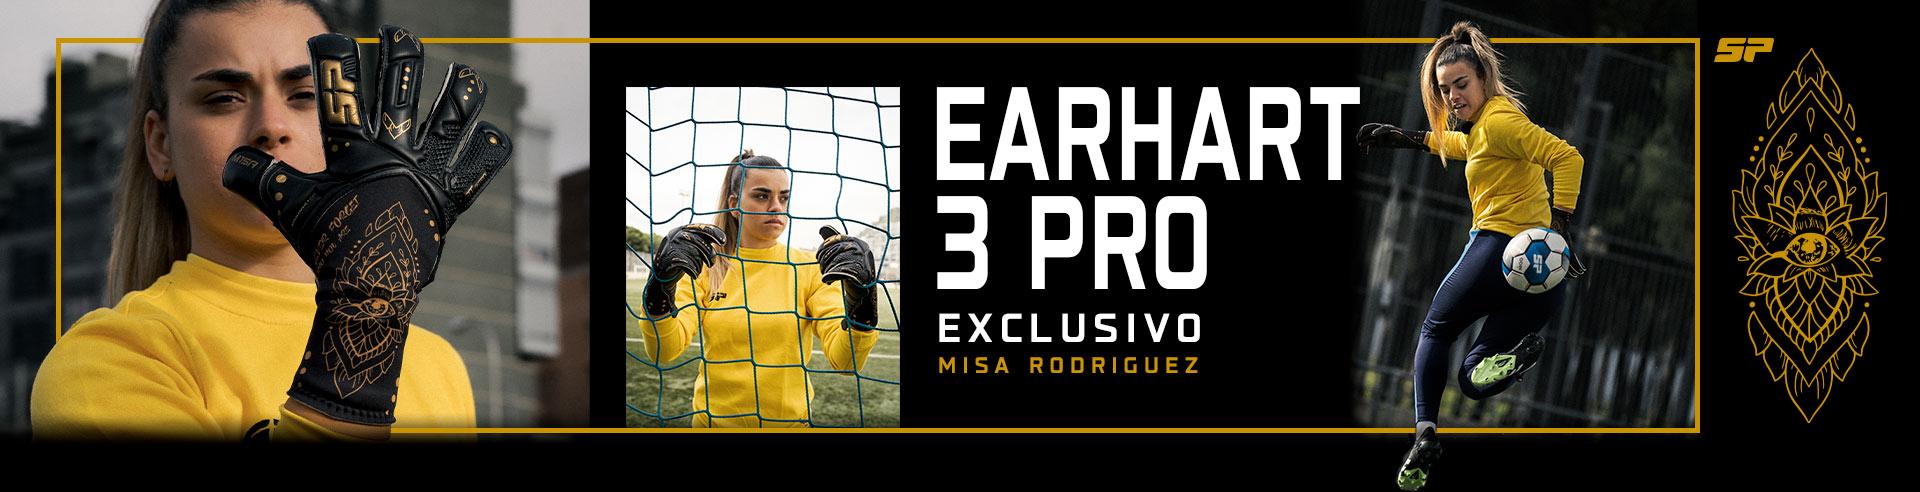 SP EARHART 3 PRO MISA RODRIGUEZ DICIEMBRE 2020 GUANTES